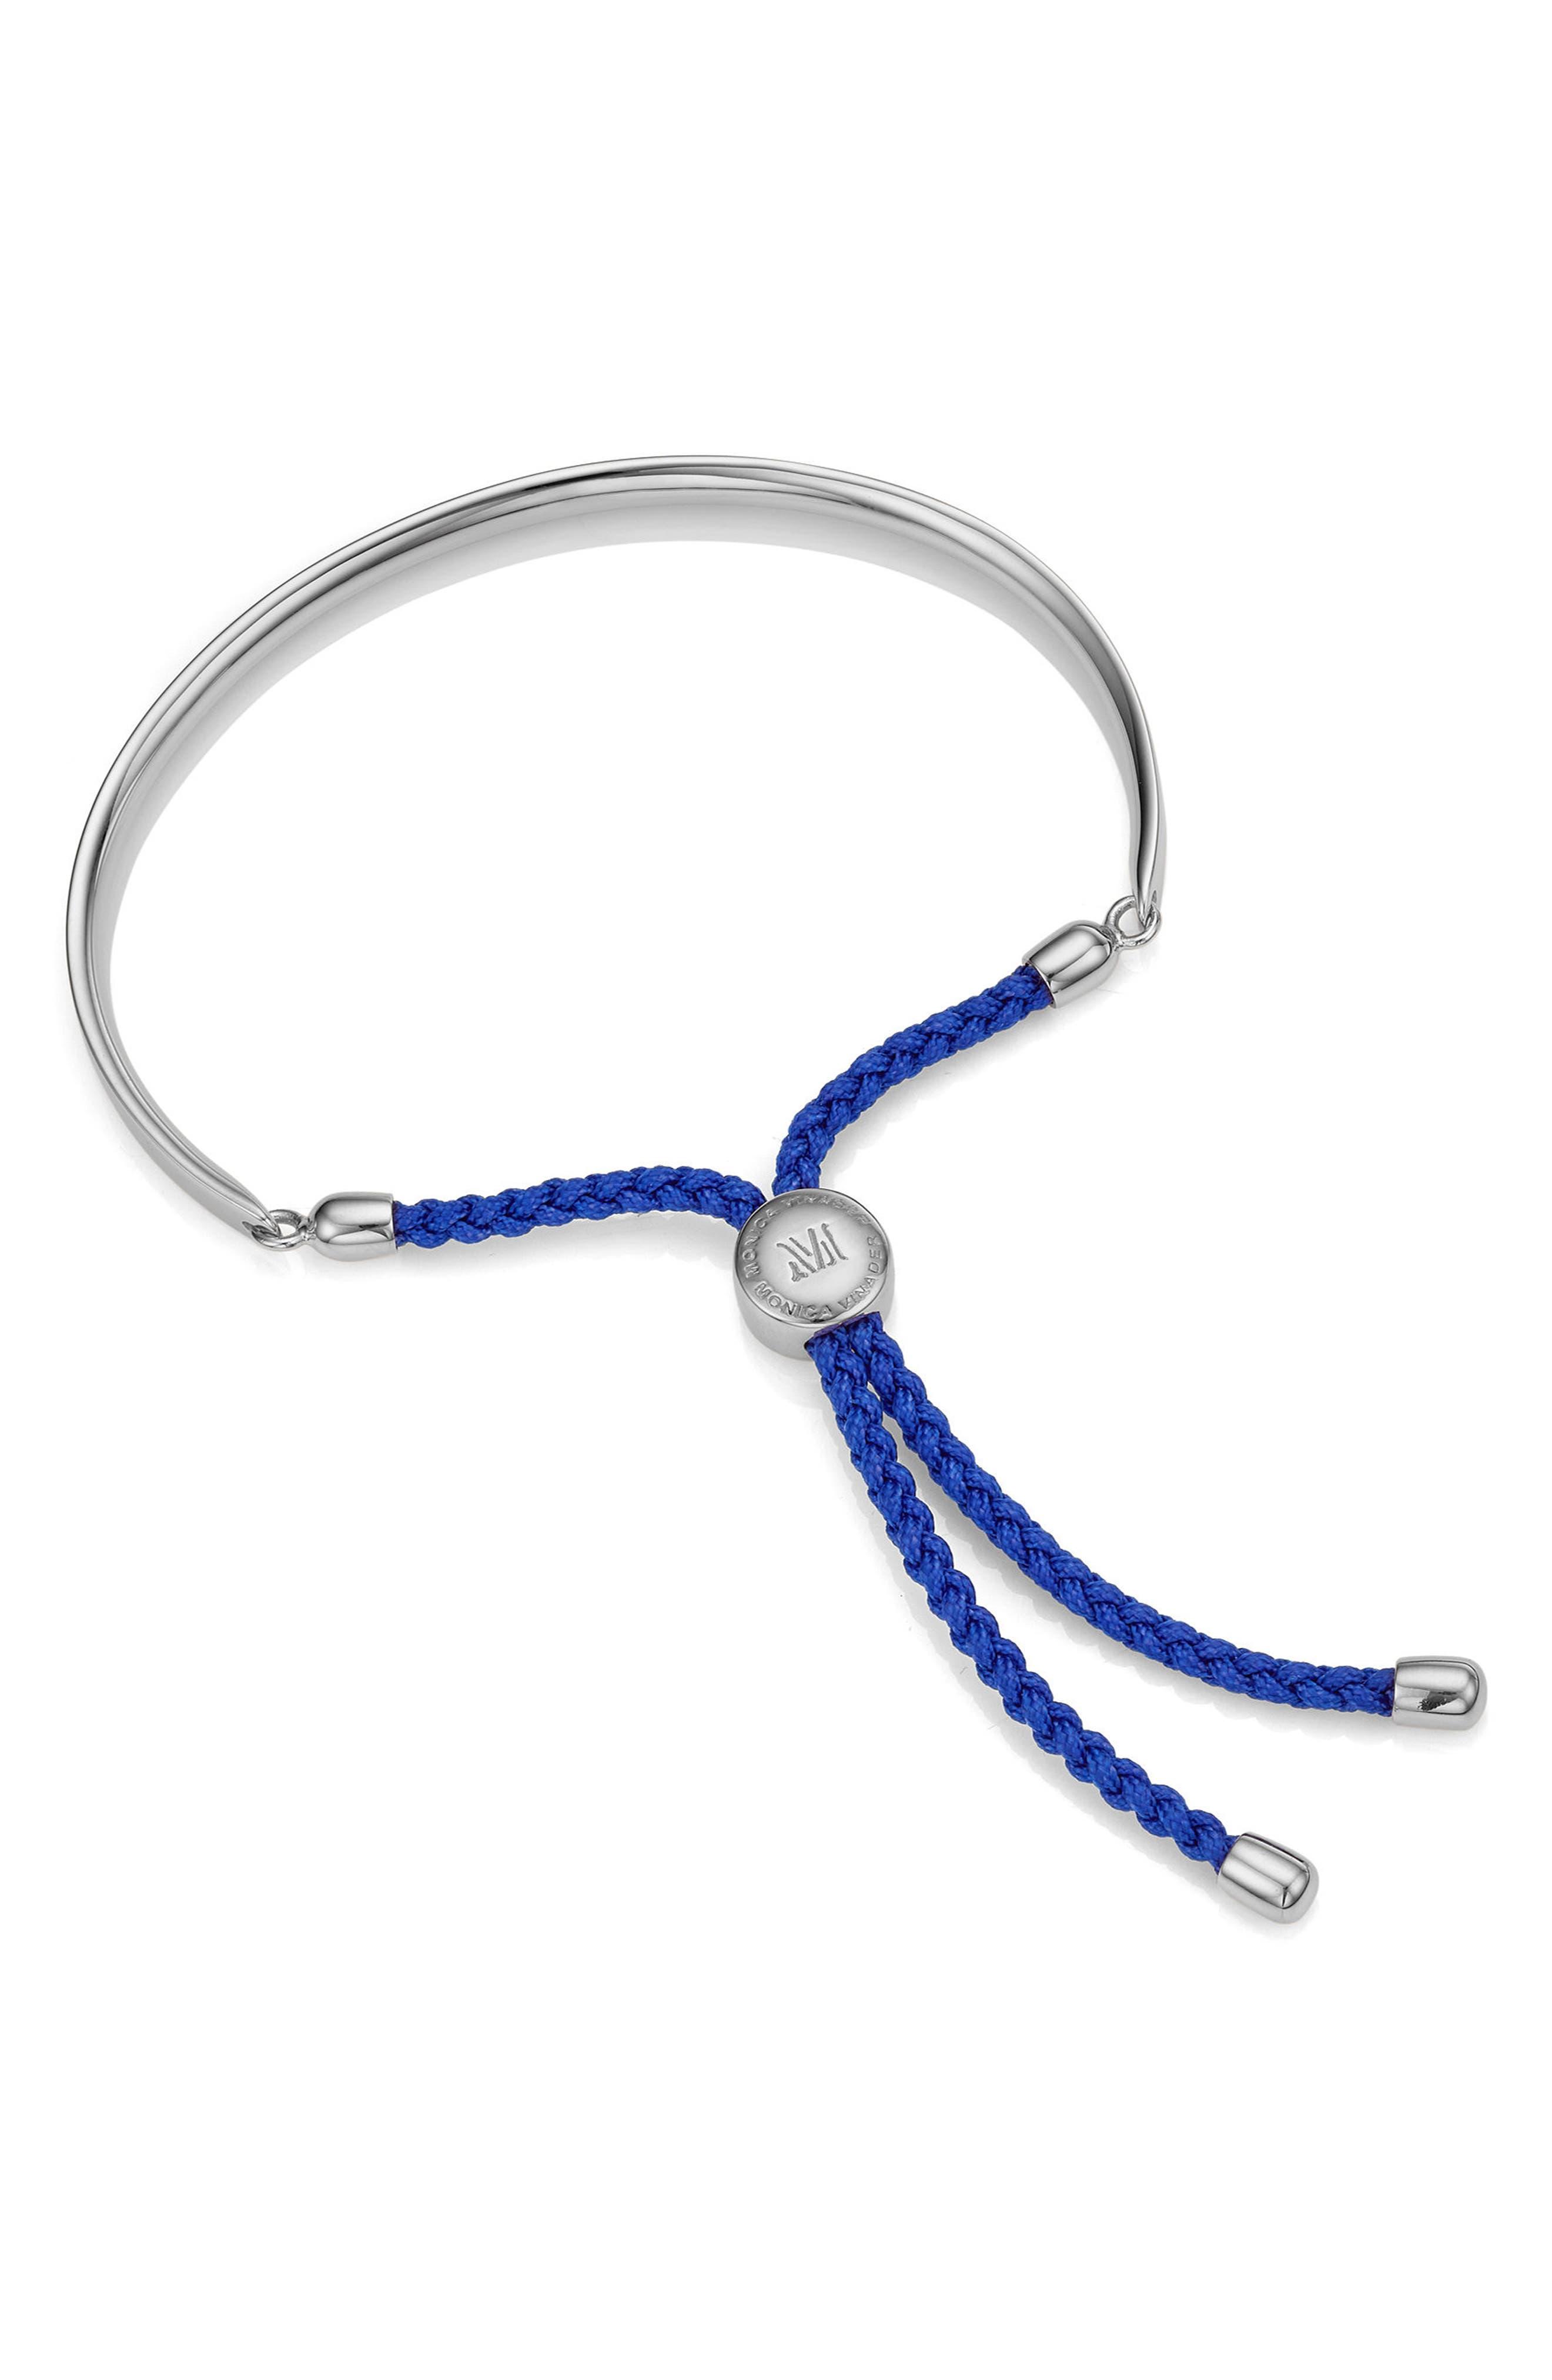 Engravable Fiji Friendship Bracelet,                         Main,                         color, Silver/ Blue Majorelle